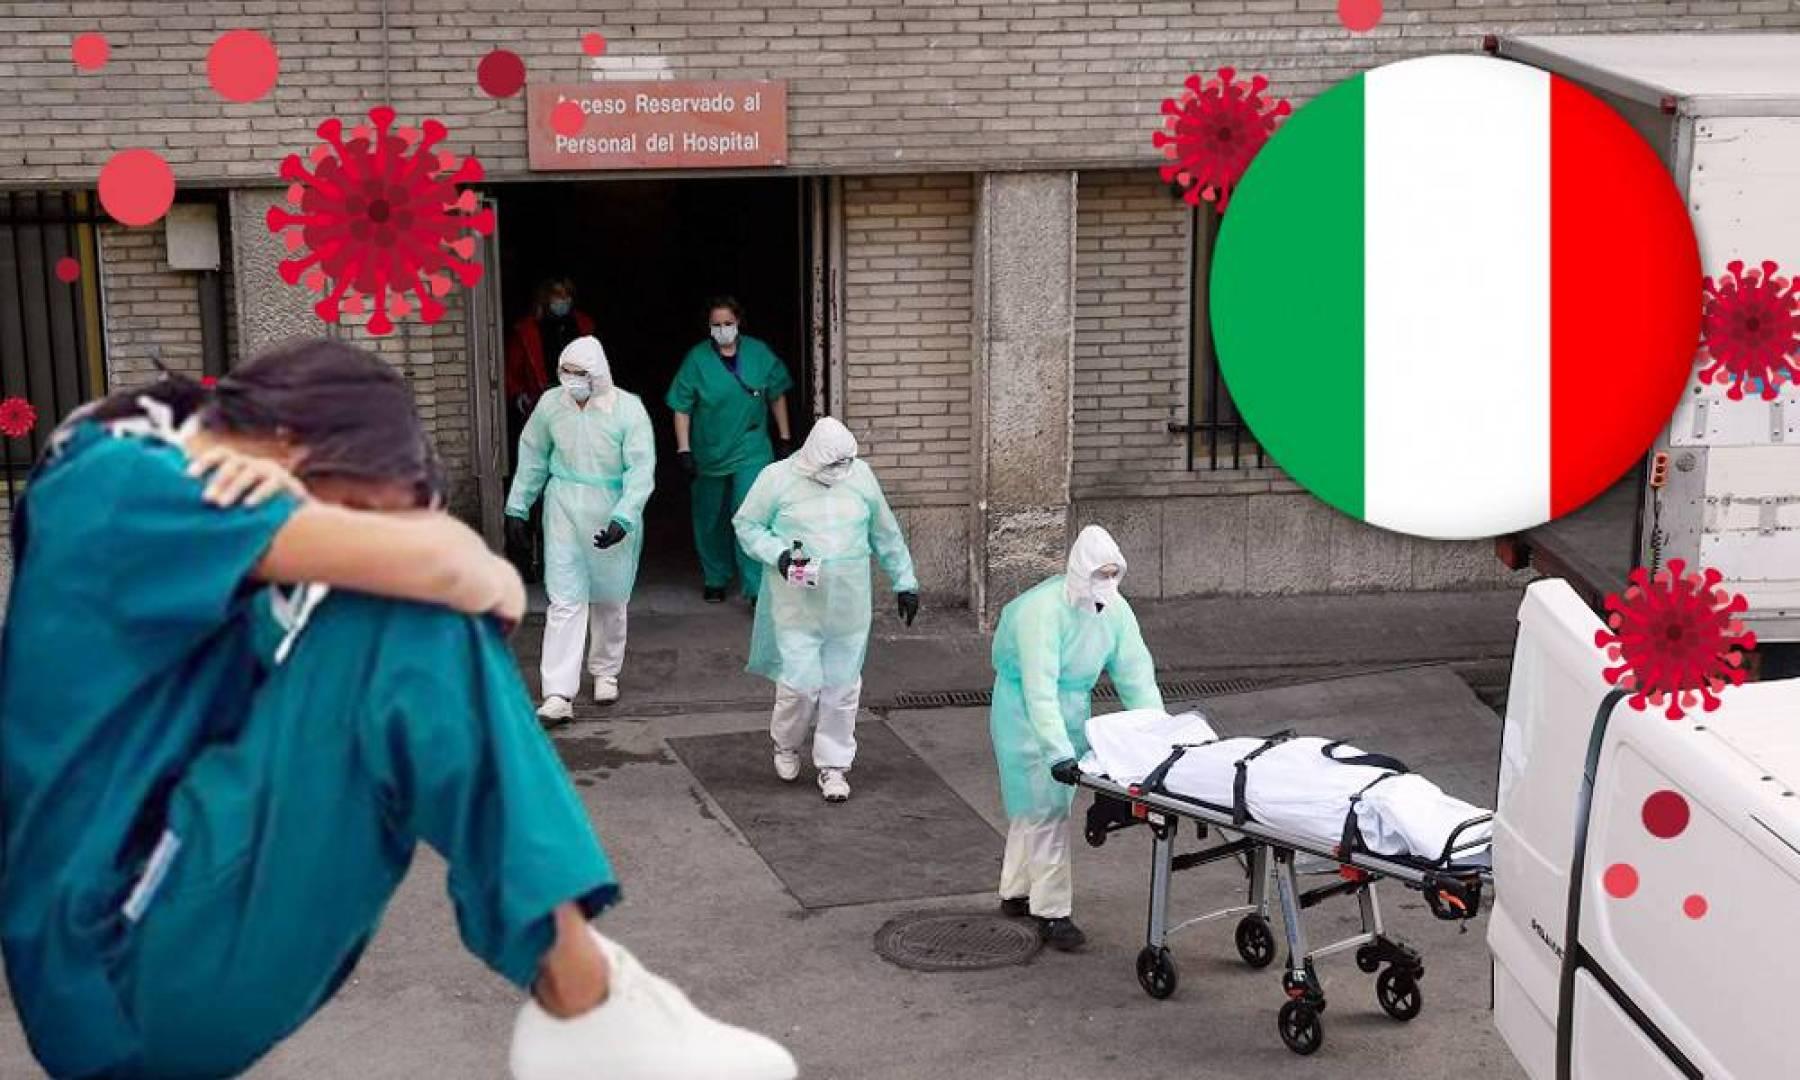 إيطاليا تبكي 683 حالة وفاة كورونا جديدة.. ليصل الإجمالي إلى 7503